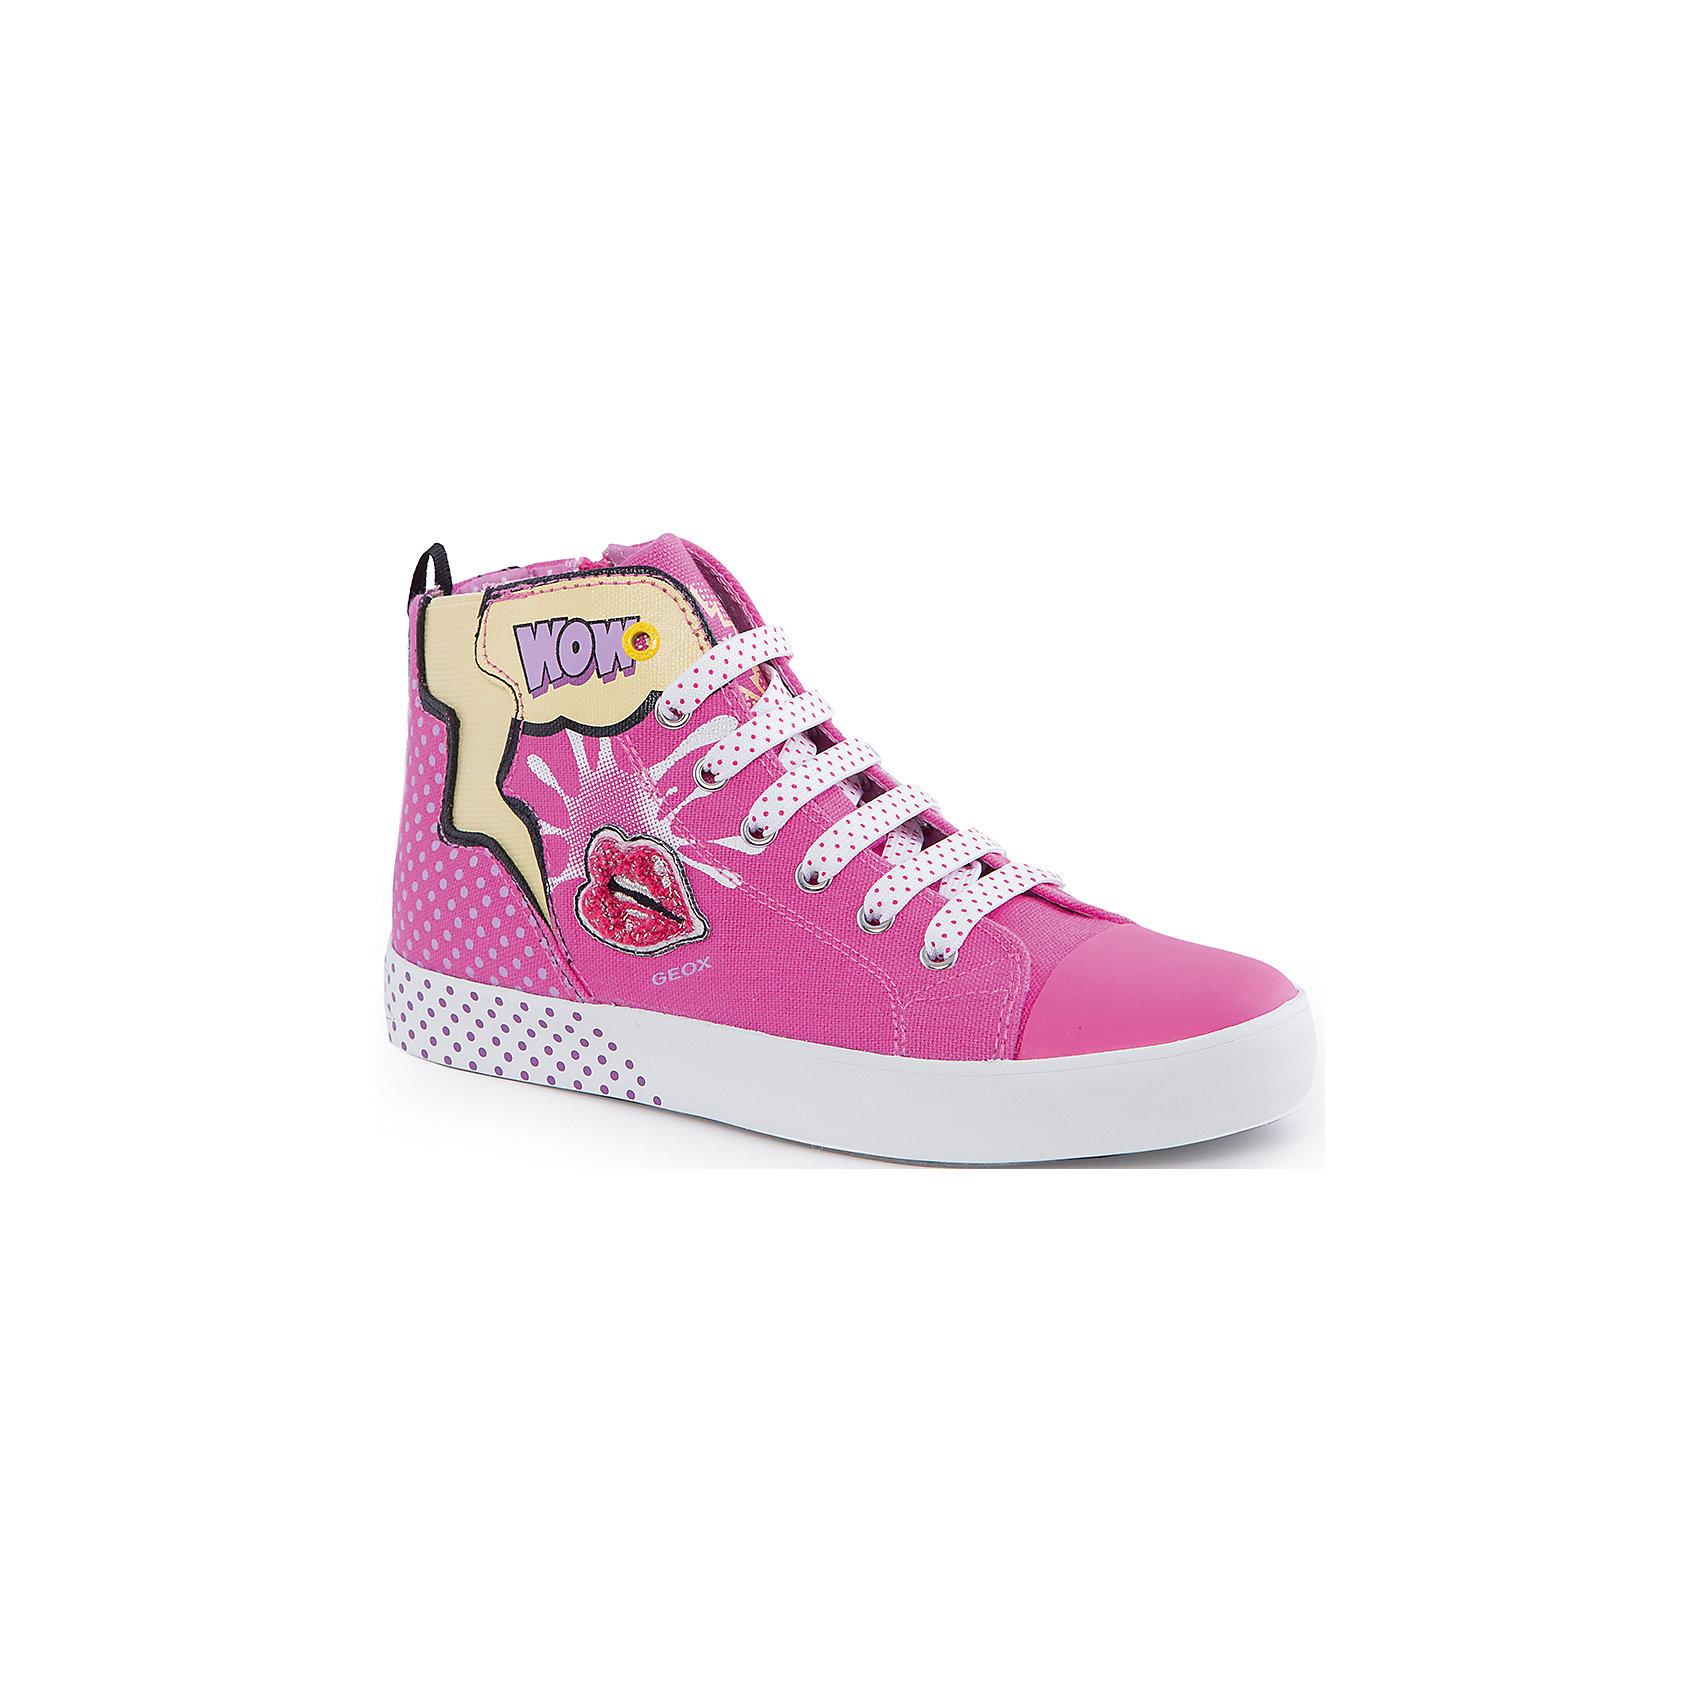 Кеды для девочки GeoxКеды<br>Кеды для девочки от популярной марки GEOX (Геокс).<br><br>Яркие розовые Кеды - отличная обувь для нового весеннего сезона. Модель очень стильно и оригинально смотрится.<br>Производитель обуви заботится не только о внешнем виде, но и стабильно высоком качестве продукции. GEOX (Геокс) разработал специальную дышащую подошву, которая не пропускает влагу внутрь, а также высокотехнологичную стельку.<br><br>Отличительные особенности модели:<br><br>- цвет: розовый;<br>- украшены принтом и аппликацией;<br>- гибкая водоотталкивающая подошва с дышащей мембраной;<br>- мягкий и легкий верх;<br>- защита пальцев;<br>- стильный дизайн;<br>- удобная застежка-молния сбоку, шнуровка;<br>- комфортное облегание;<br>- верх обуви и подкладка сделаны без использования хрома.<br><br>Дополнительная информация:<br><br>- Температурный режим: от +10° С до 25° С.<br><br>- Состав:<br><br>материал верха: текстиль, синтетический материал<br>материал подкладки: текстиль<br>подошва: 100% резина<br><br>Кеды для девочки GEOX (Геокс) (Геокс) можно купить в нашем магазине.<br><br>Ширина мм: 250<br>Глубина мм: 150<br>Высота мм: 150<br>Вес г: 250<br>Цвет: розовый<br>Возраст от месяцев: 72<br>Возраст до месяцев: 84<br>Пол: Женский<br>Возраст: Детский<br>Размер: 30,35,33,36,34,32,31,29,28<br>SKU: 4519095